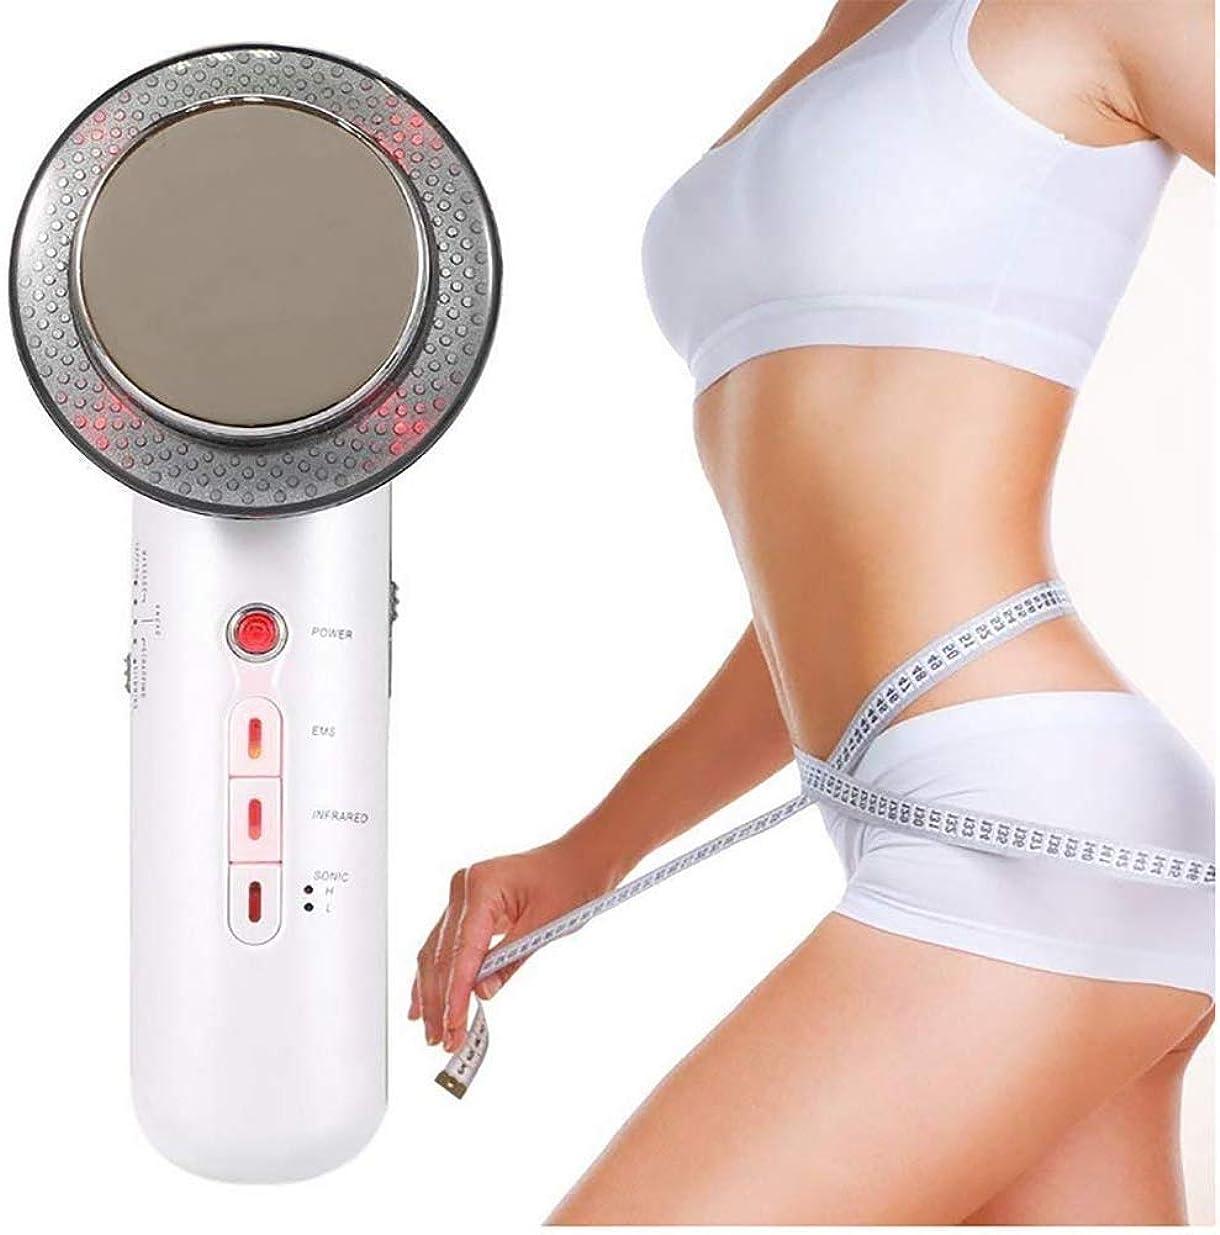 交じる欲求不満支払う超音波キャビテーションEMSマイクロ電流ボディSlim身マッサージ減量リポアンチセルライト脂肪過剰脂肪に対する脂肪の損失